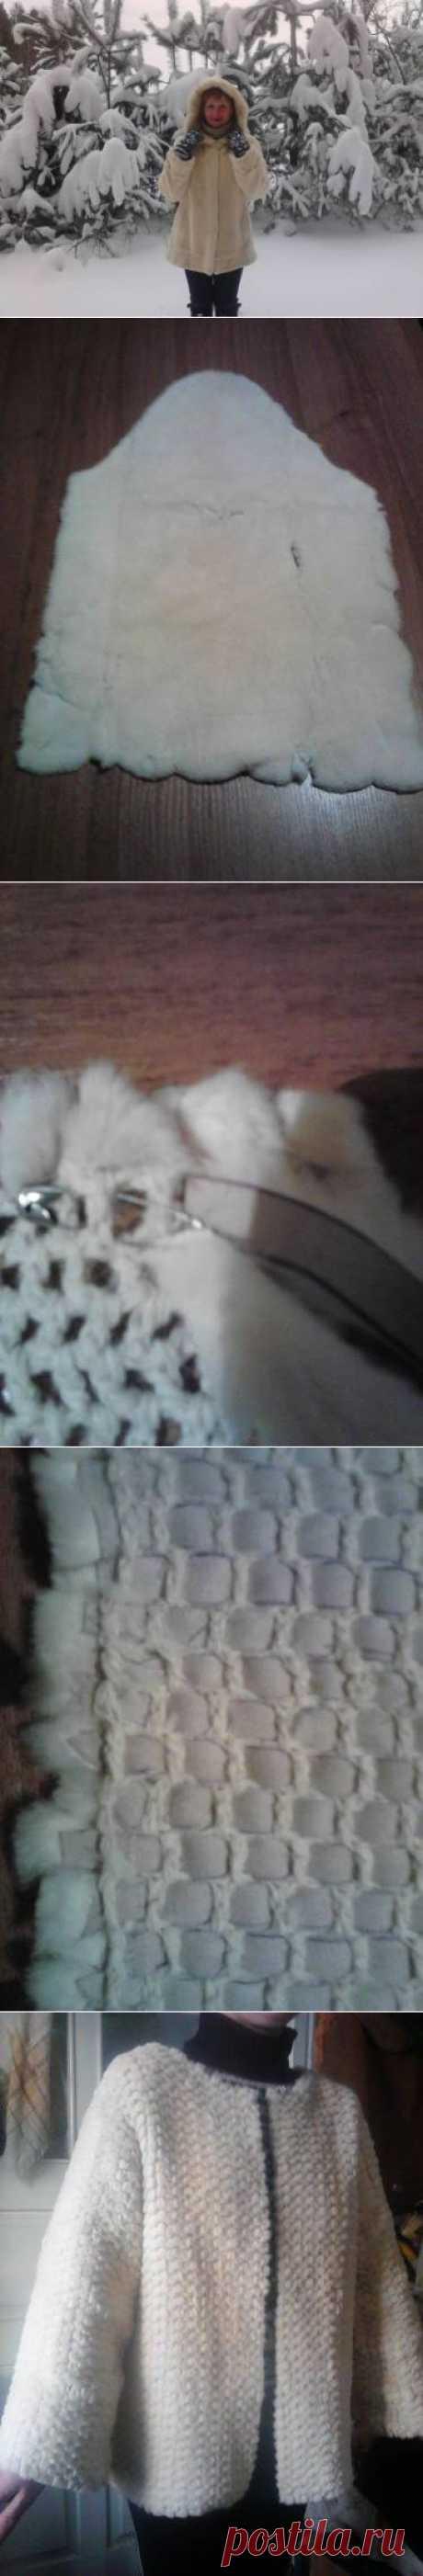 Полушубок, плетённый из меха. МК Инги.